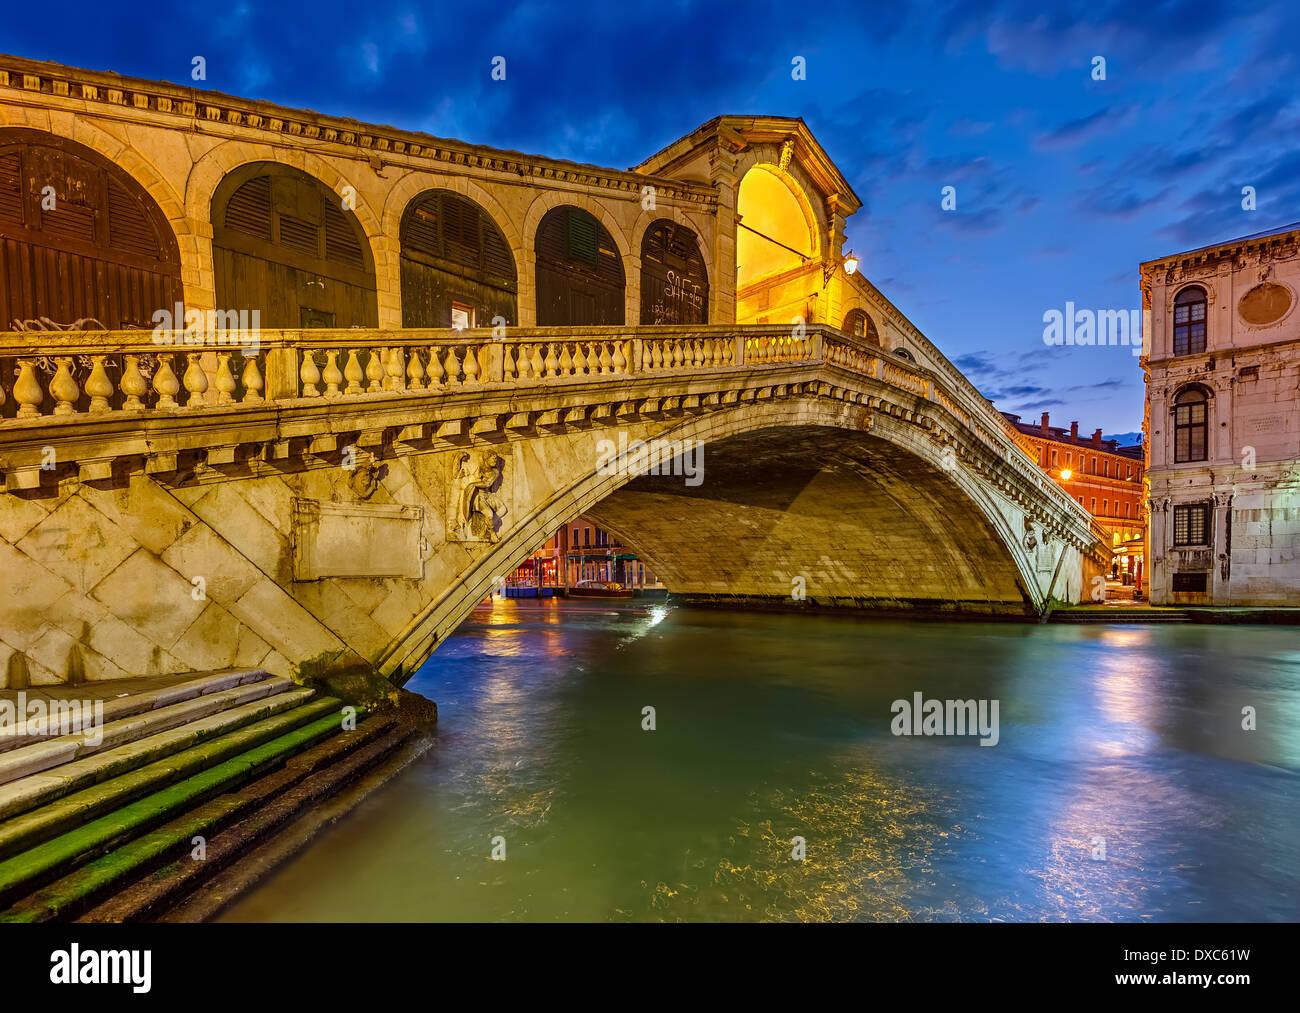 Rialto bridge, Venice - Stock Image